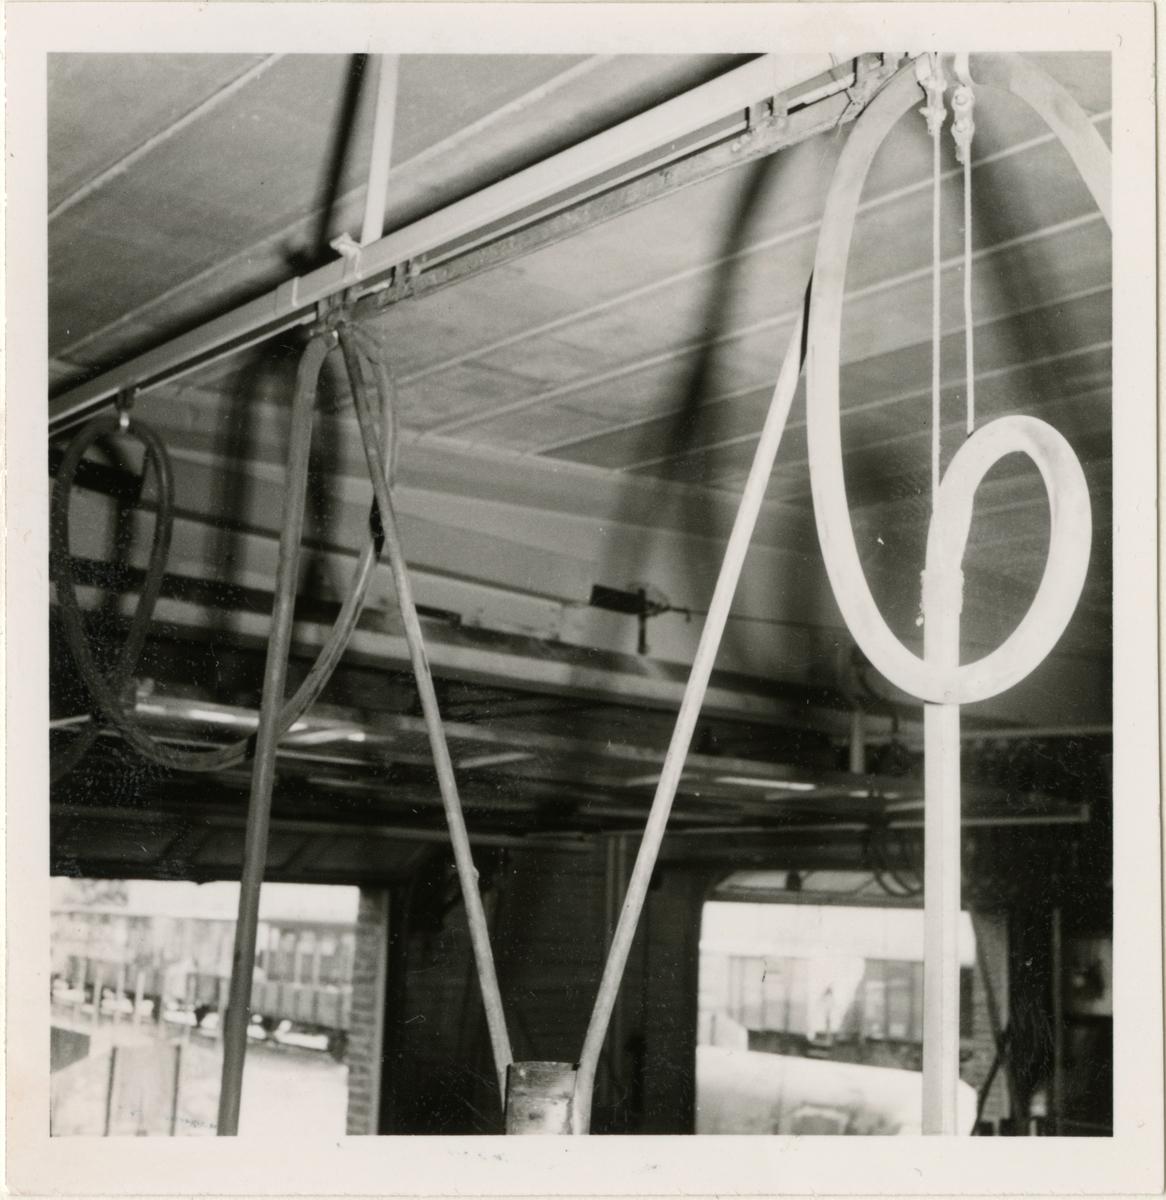 Kabelupphägning för lyftbockar, Göteborg vagnstation.